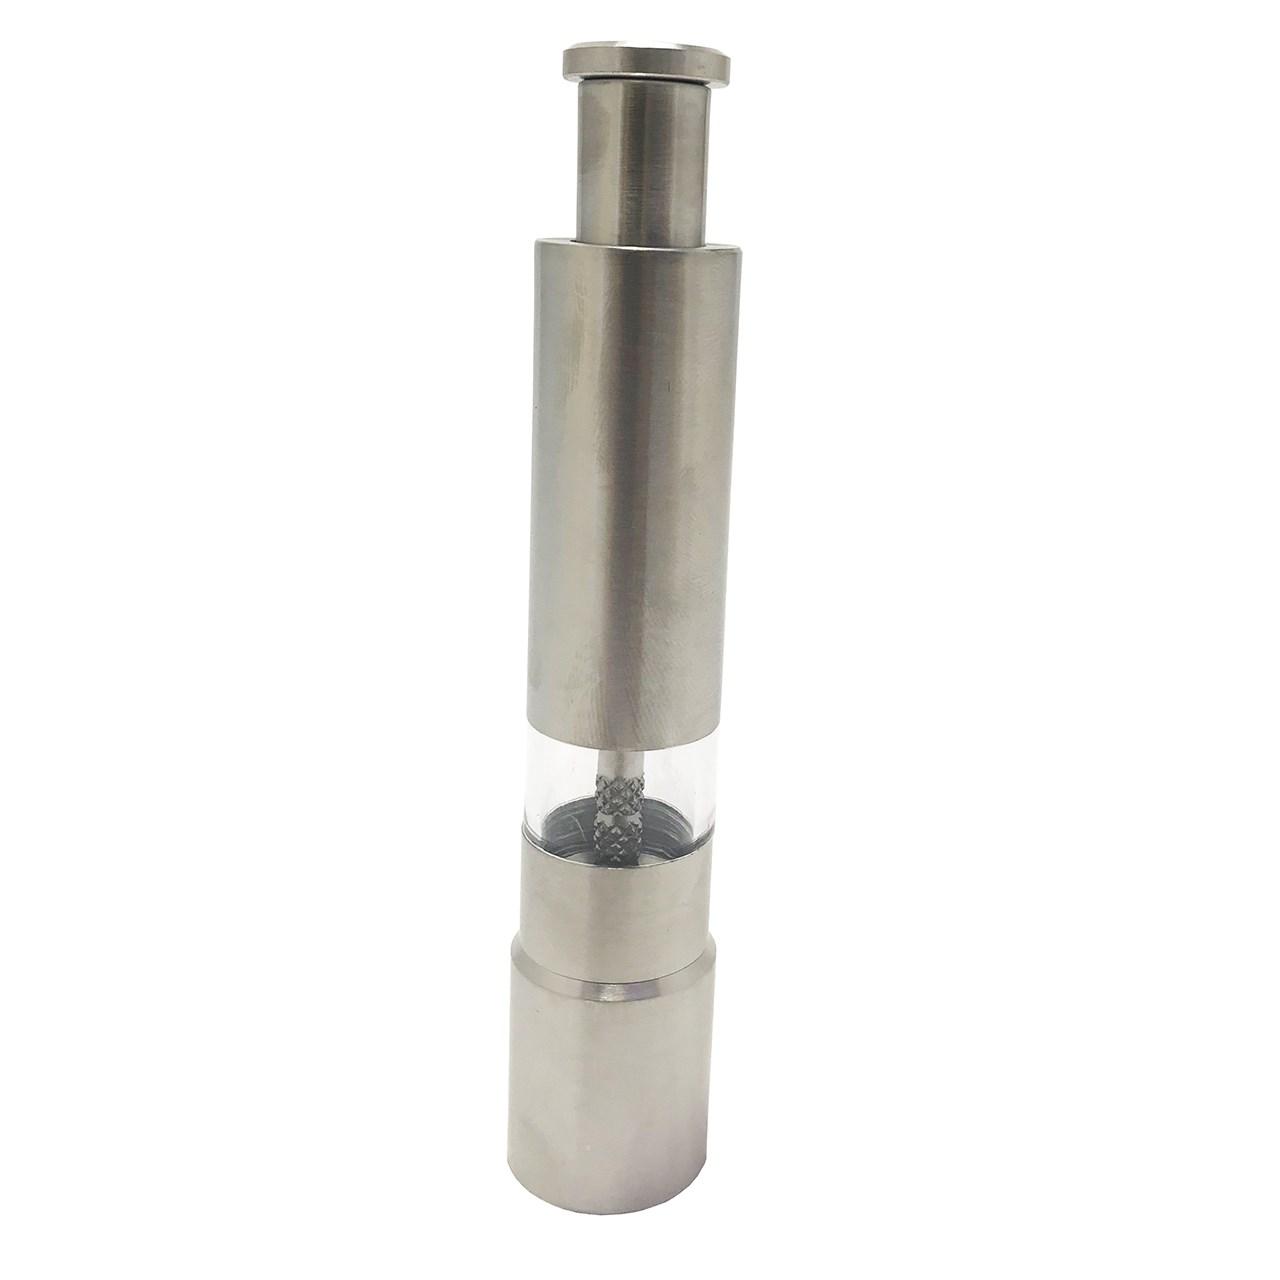 آسیاب فلفل و نمک ایرسا طرح Metal کد 2-80